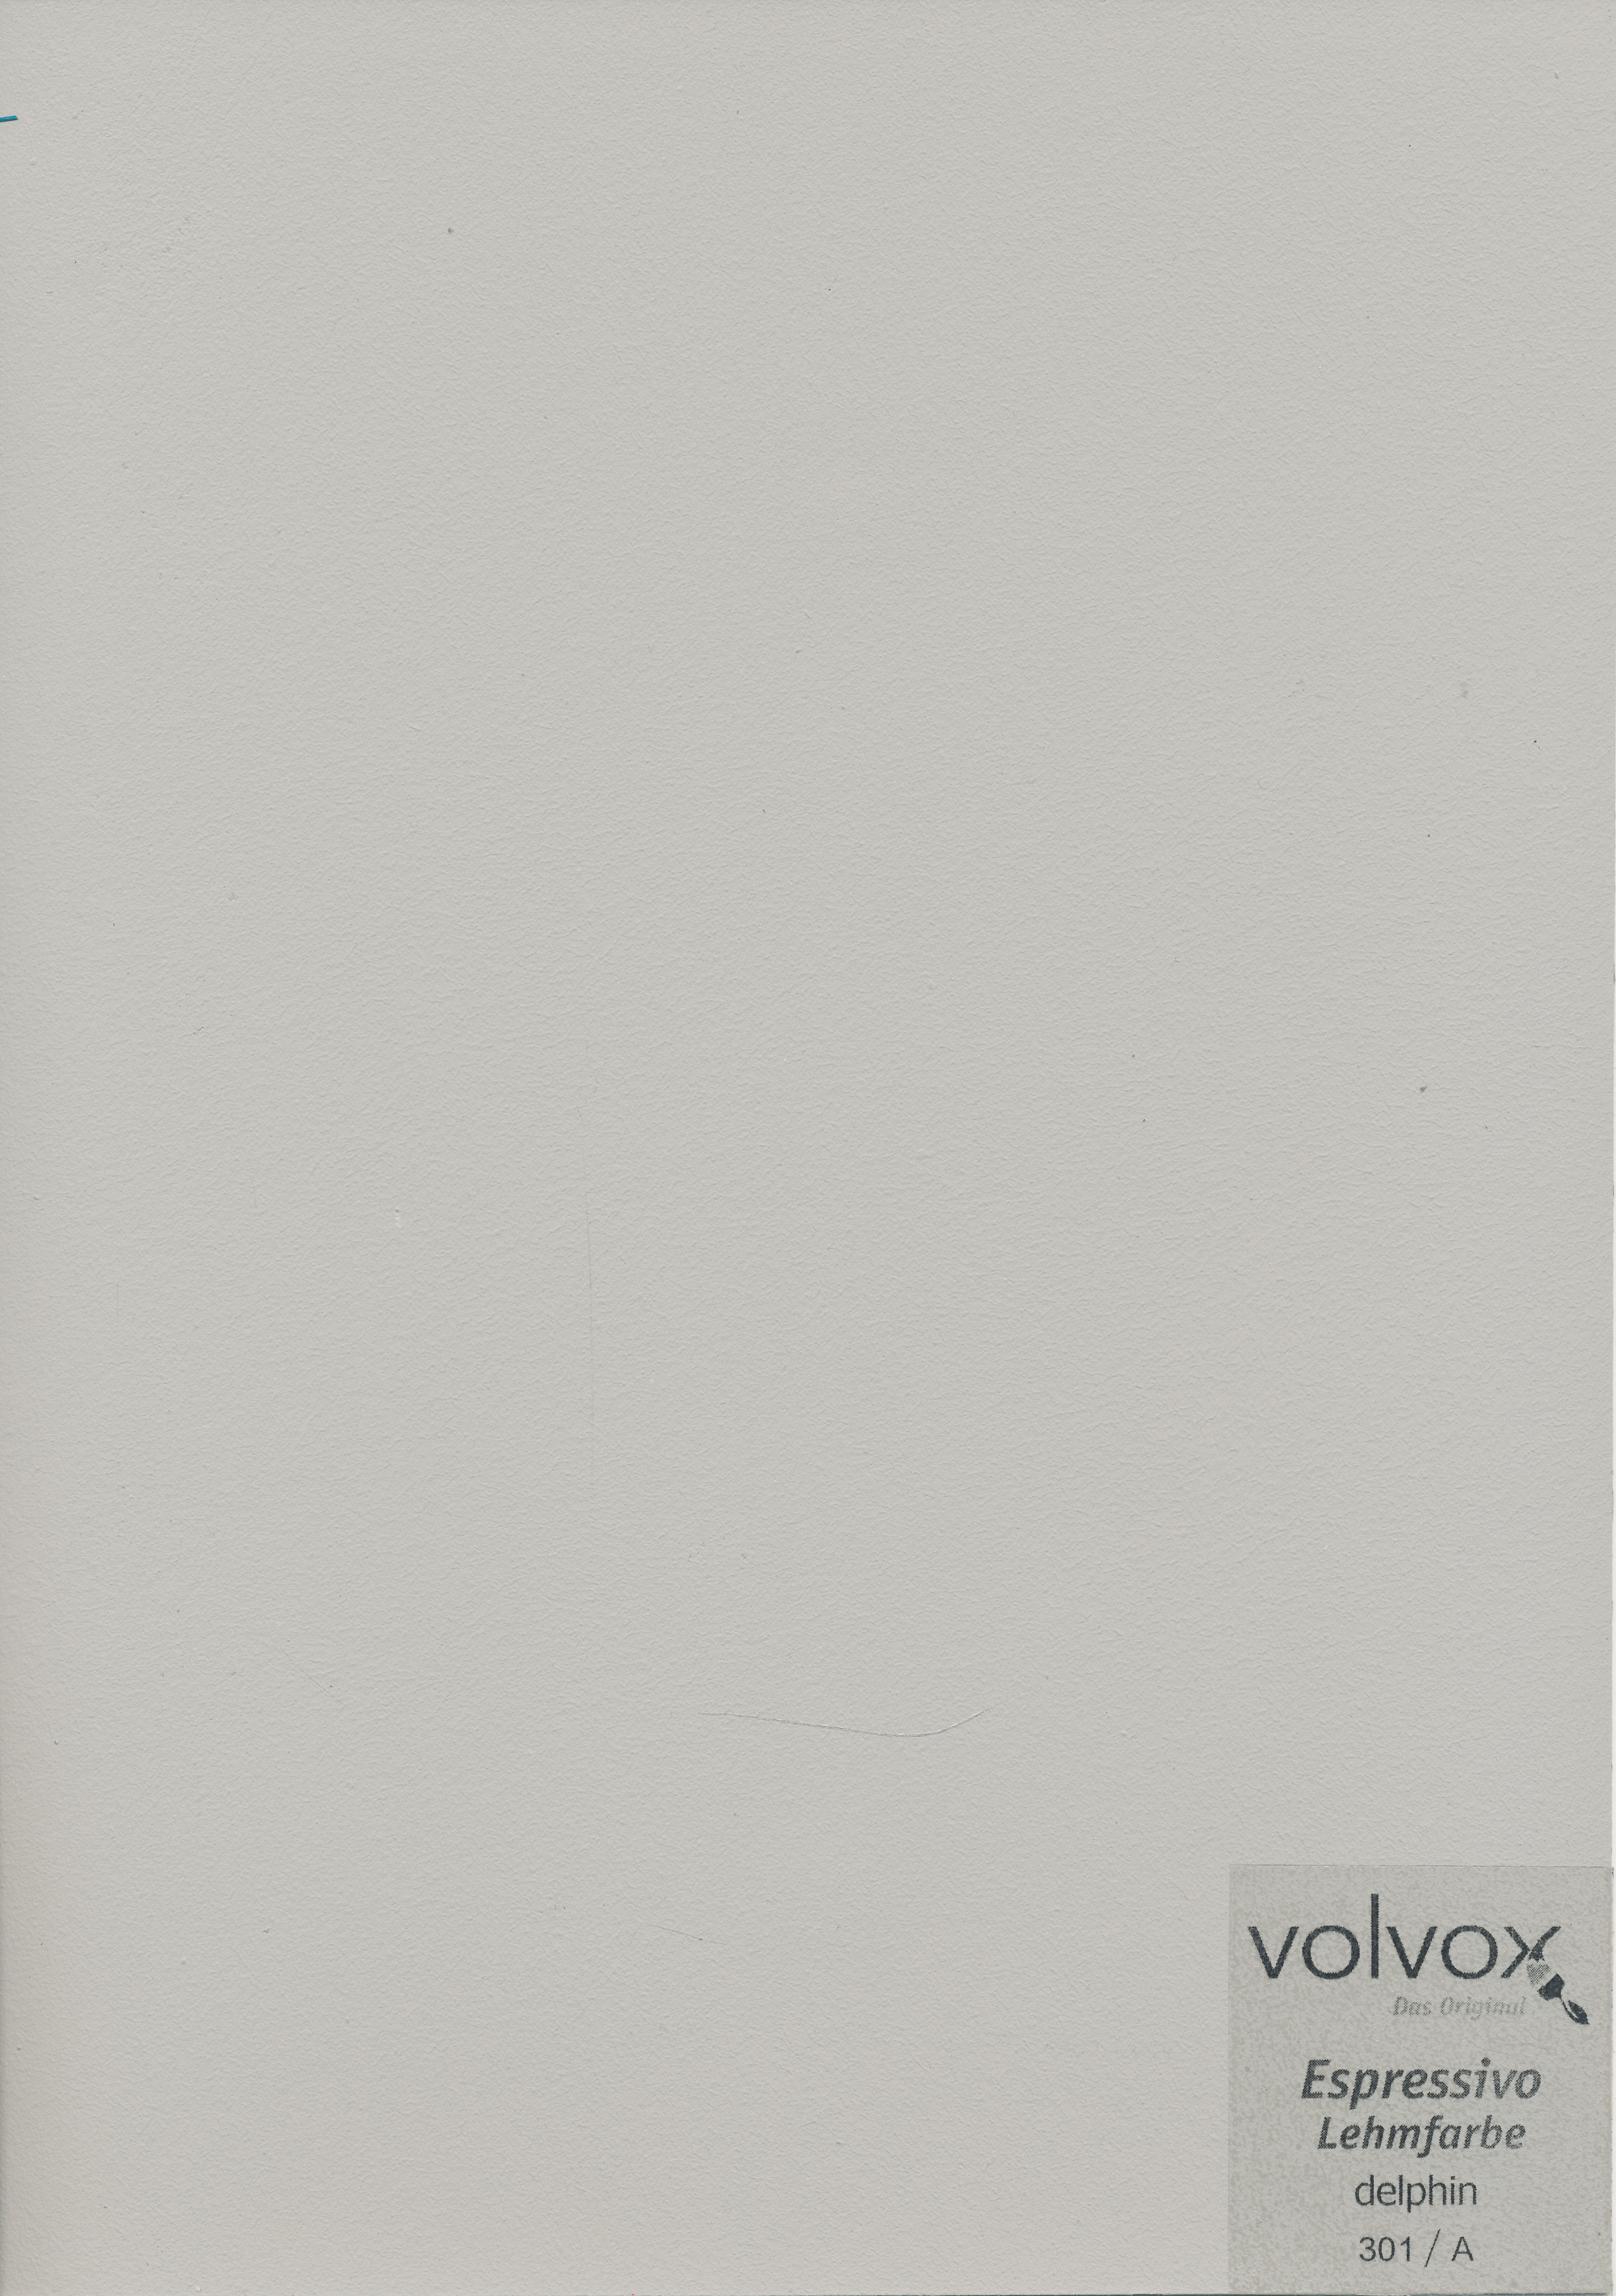 Volvox Espressivo Lehmfarbe 301 delphin